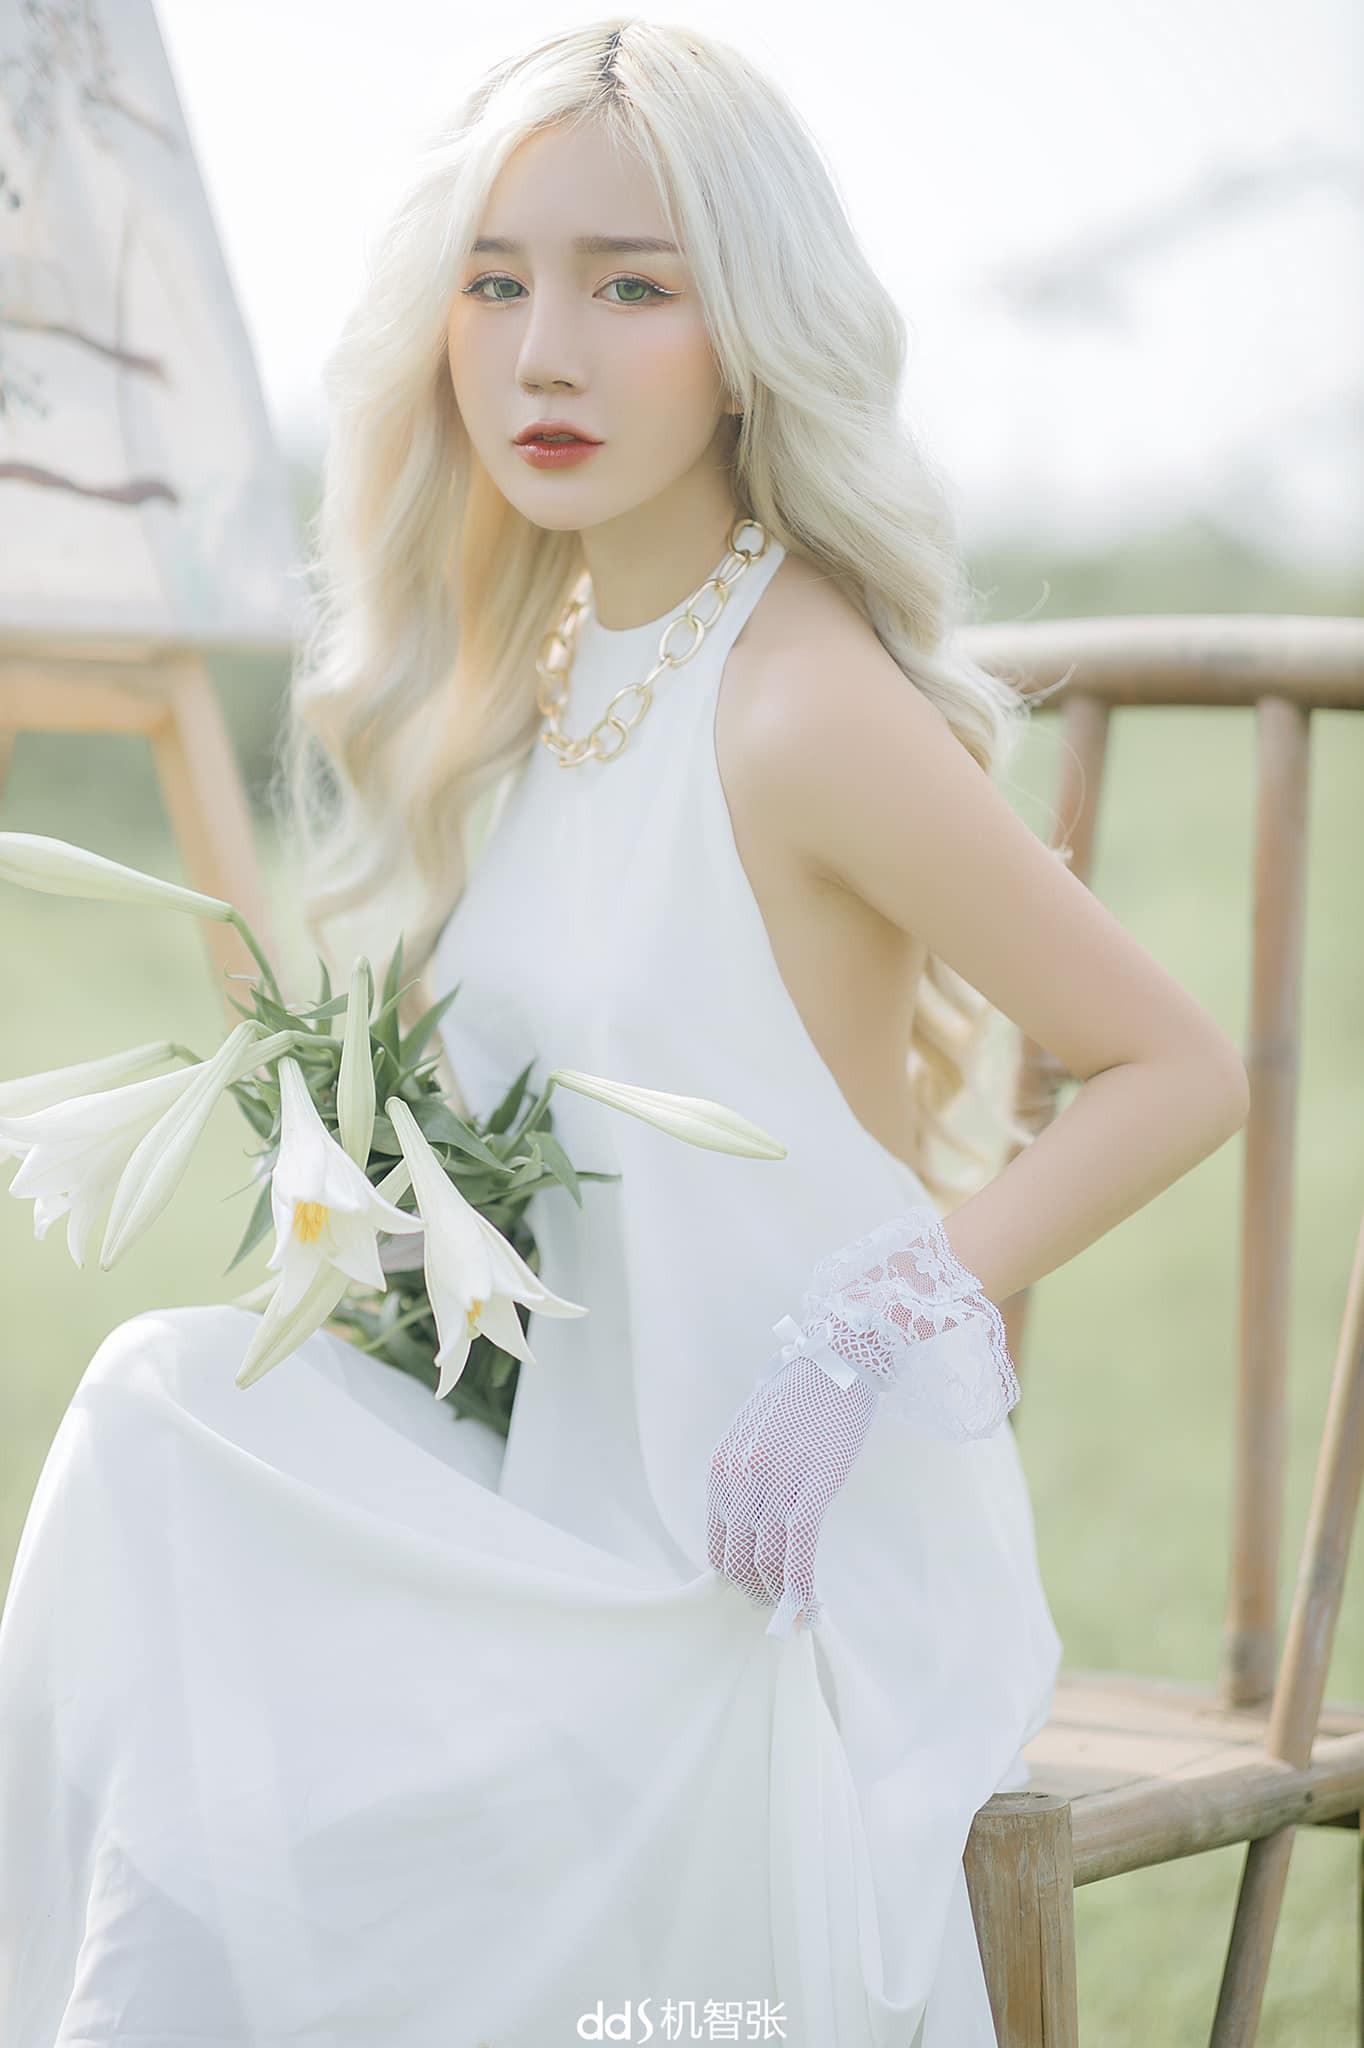 Nữ streamer tóc bạch kim lộ body, netizen hết lời khen ngợi - Hình 1